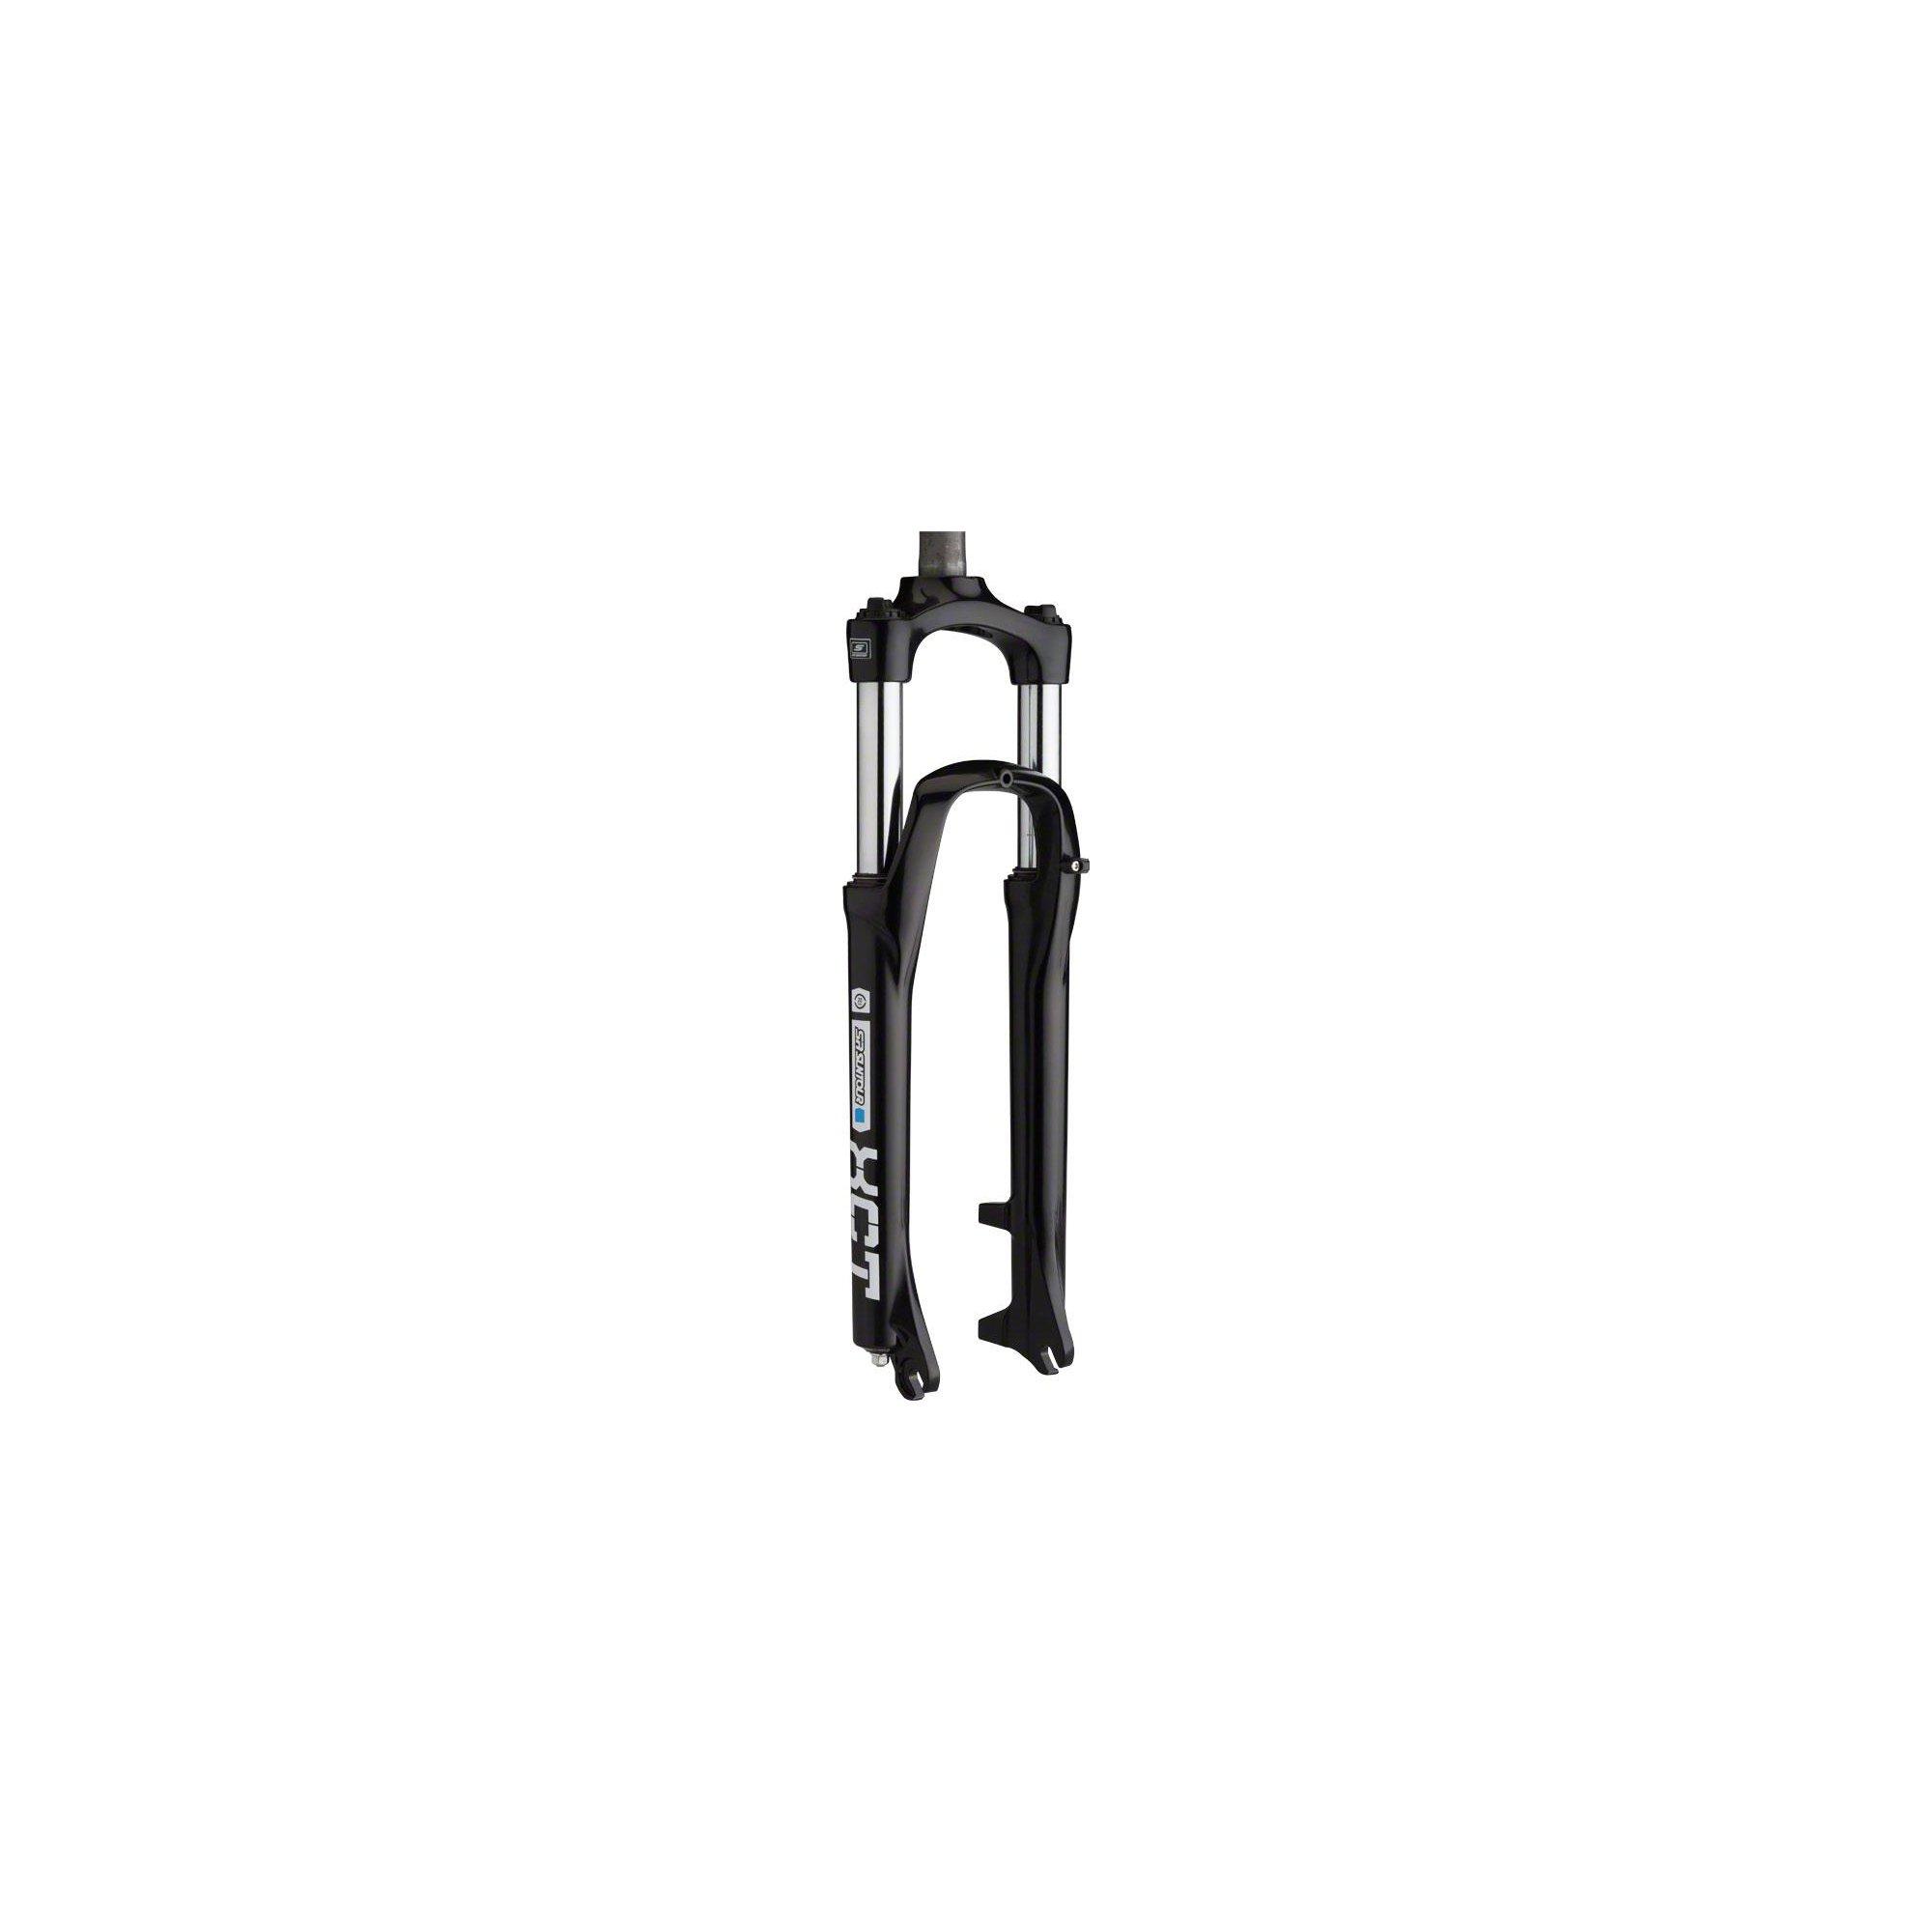 SR Suntour XCT Suspension Fork: 26'', 1-1/8'' Threadless Steerer, 100mm Travel, Disc, Black by Sr Suntour